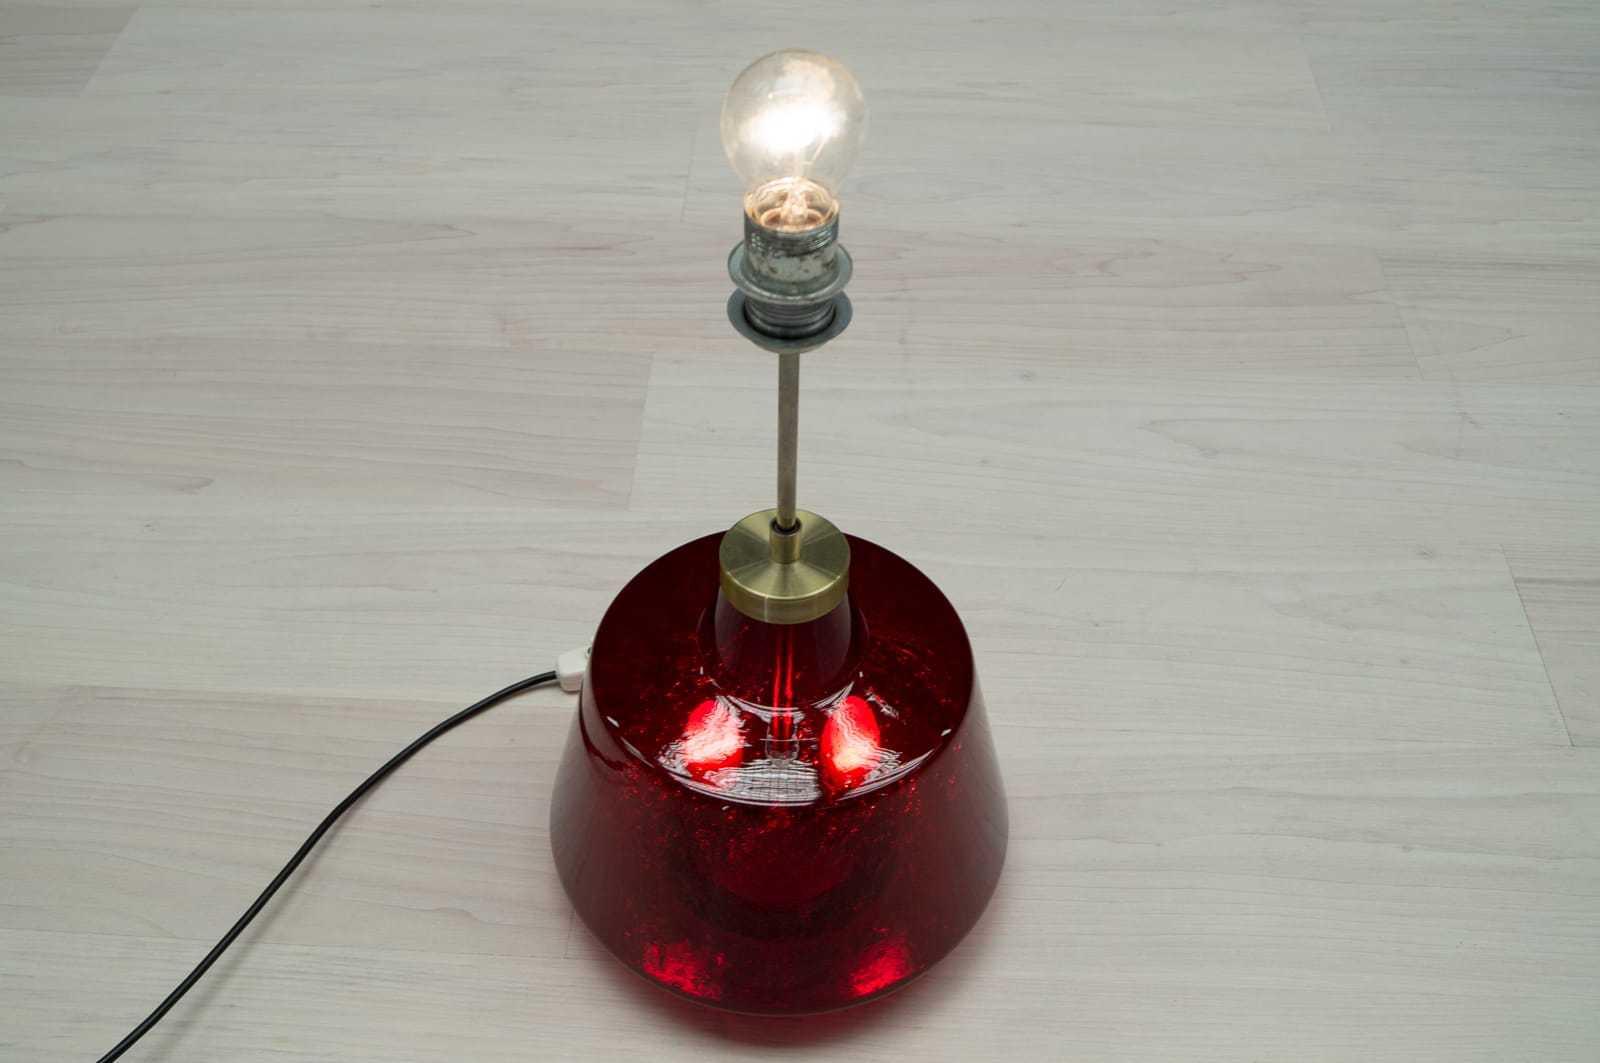 lampe ohne schirm retro ausgefallene antike stehlampe abajour lampe messing lampe ohne schirm. Black Bedroom Furniture Sets. Home Design Ideas